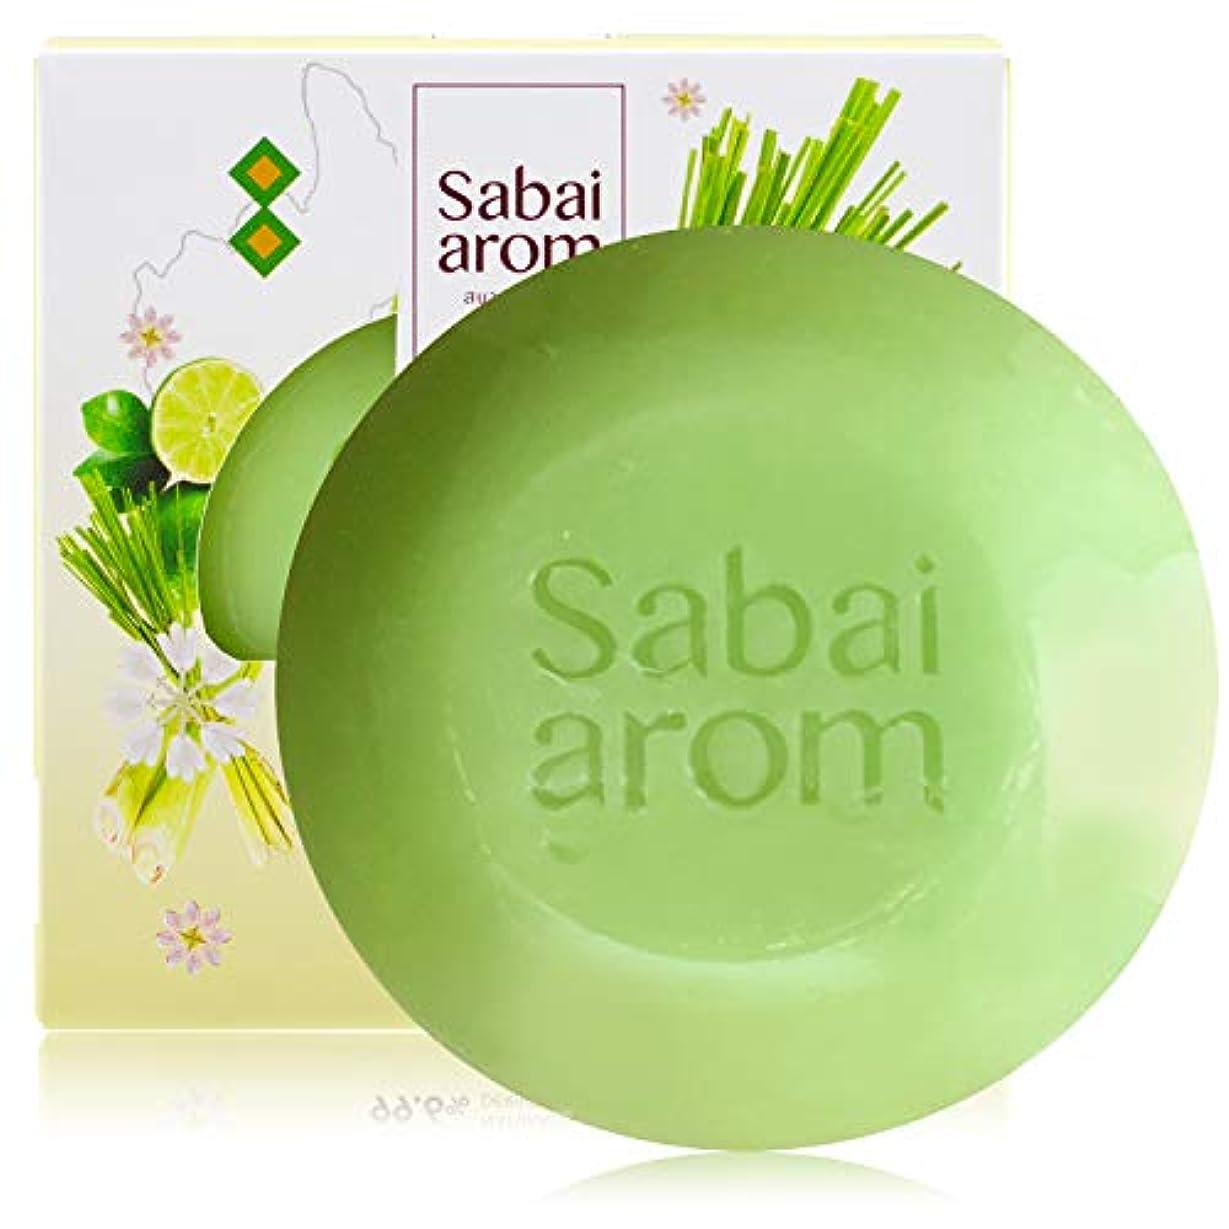 満足できる乳白農業サバイアロム(Sabai-arom) レモングラス フェイス&ボディソープバー (石鹸) 100g【LMG】【001】